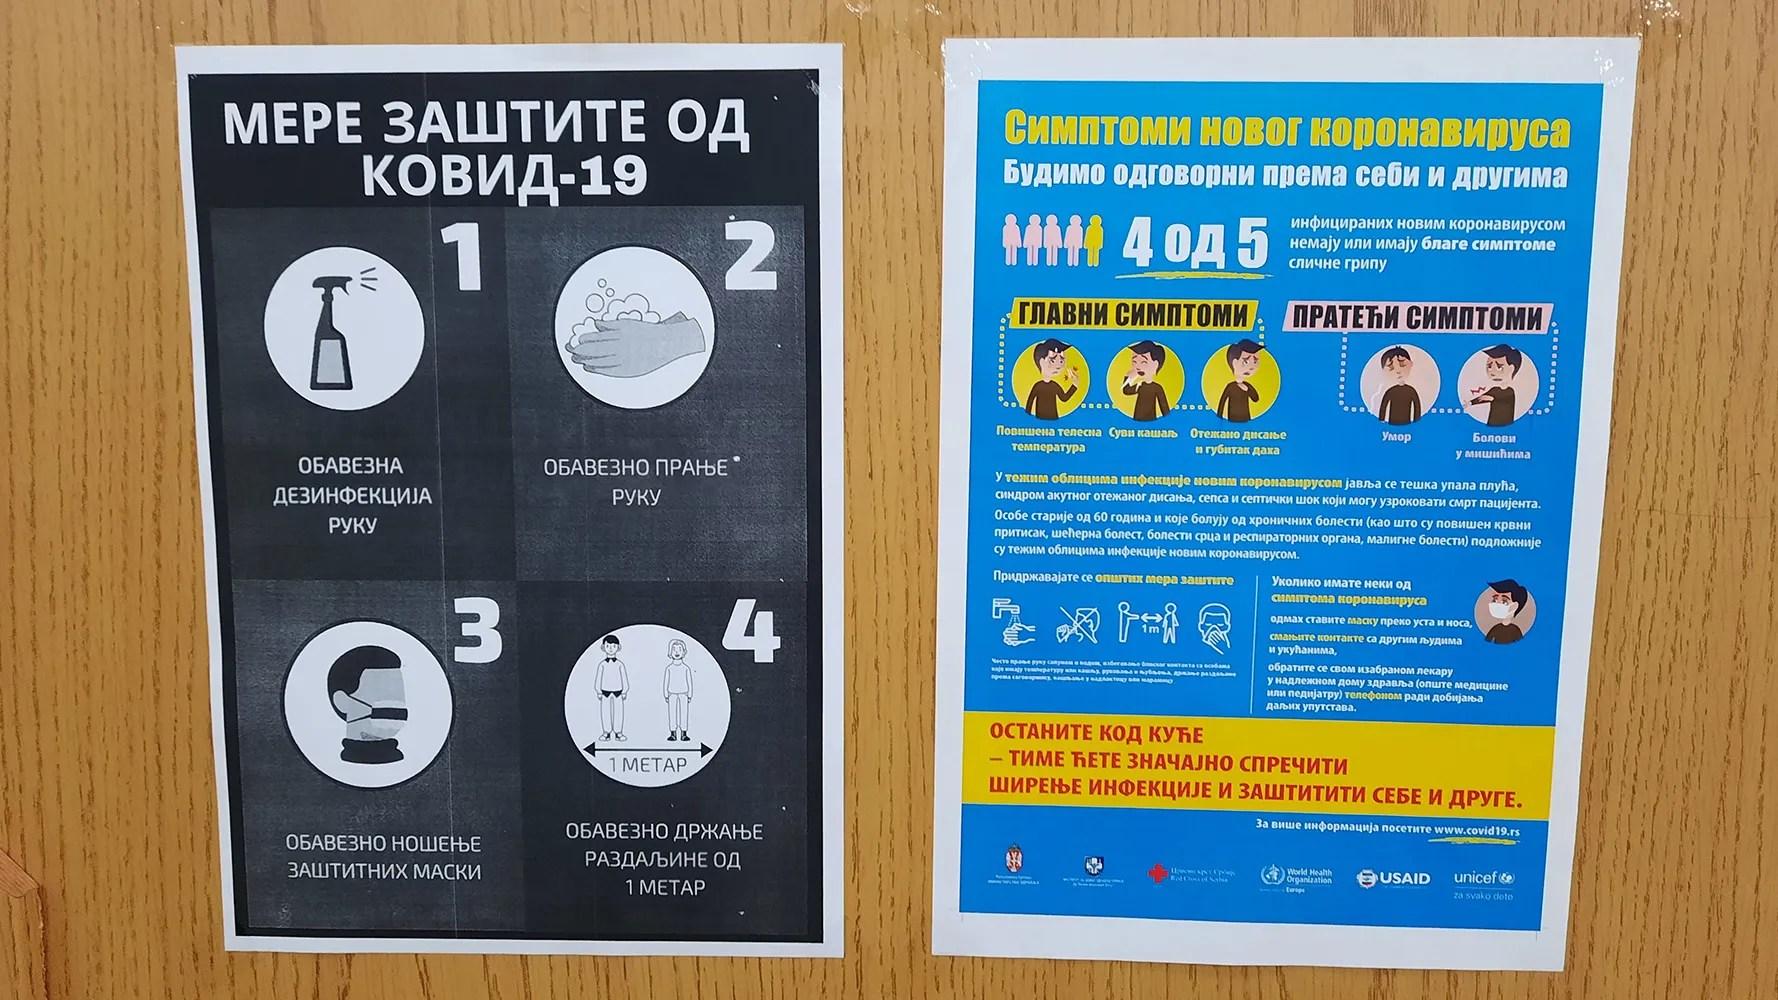 Две особе преминуле од COVIDA-19 у већински српским срединама на КиМ